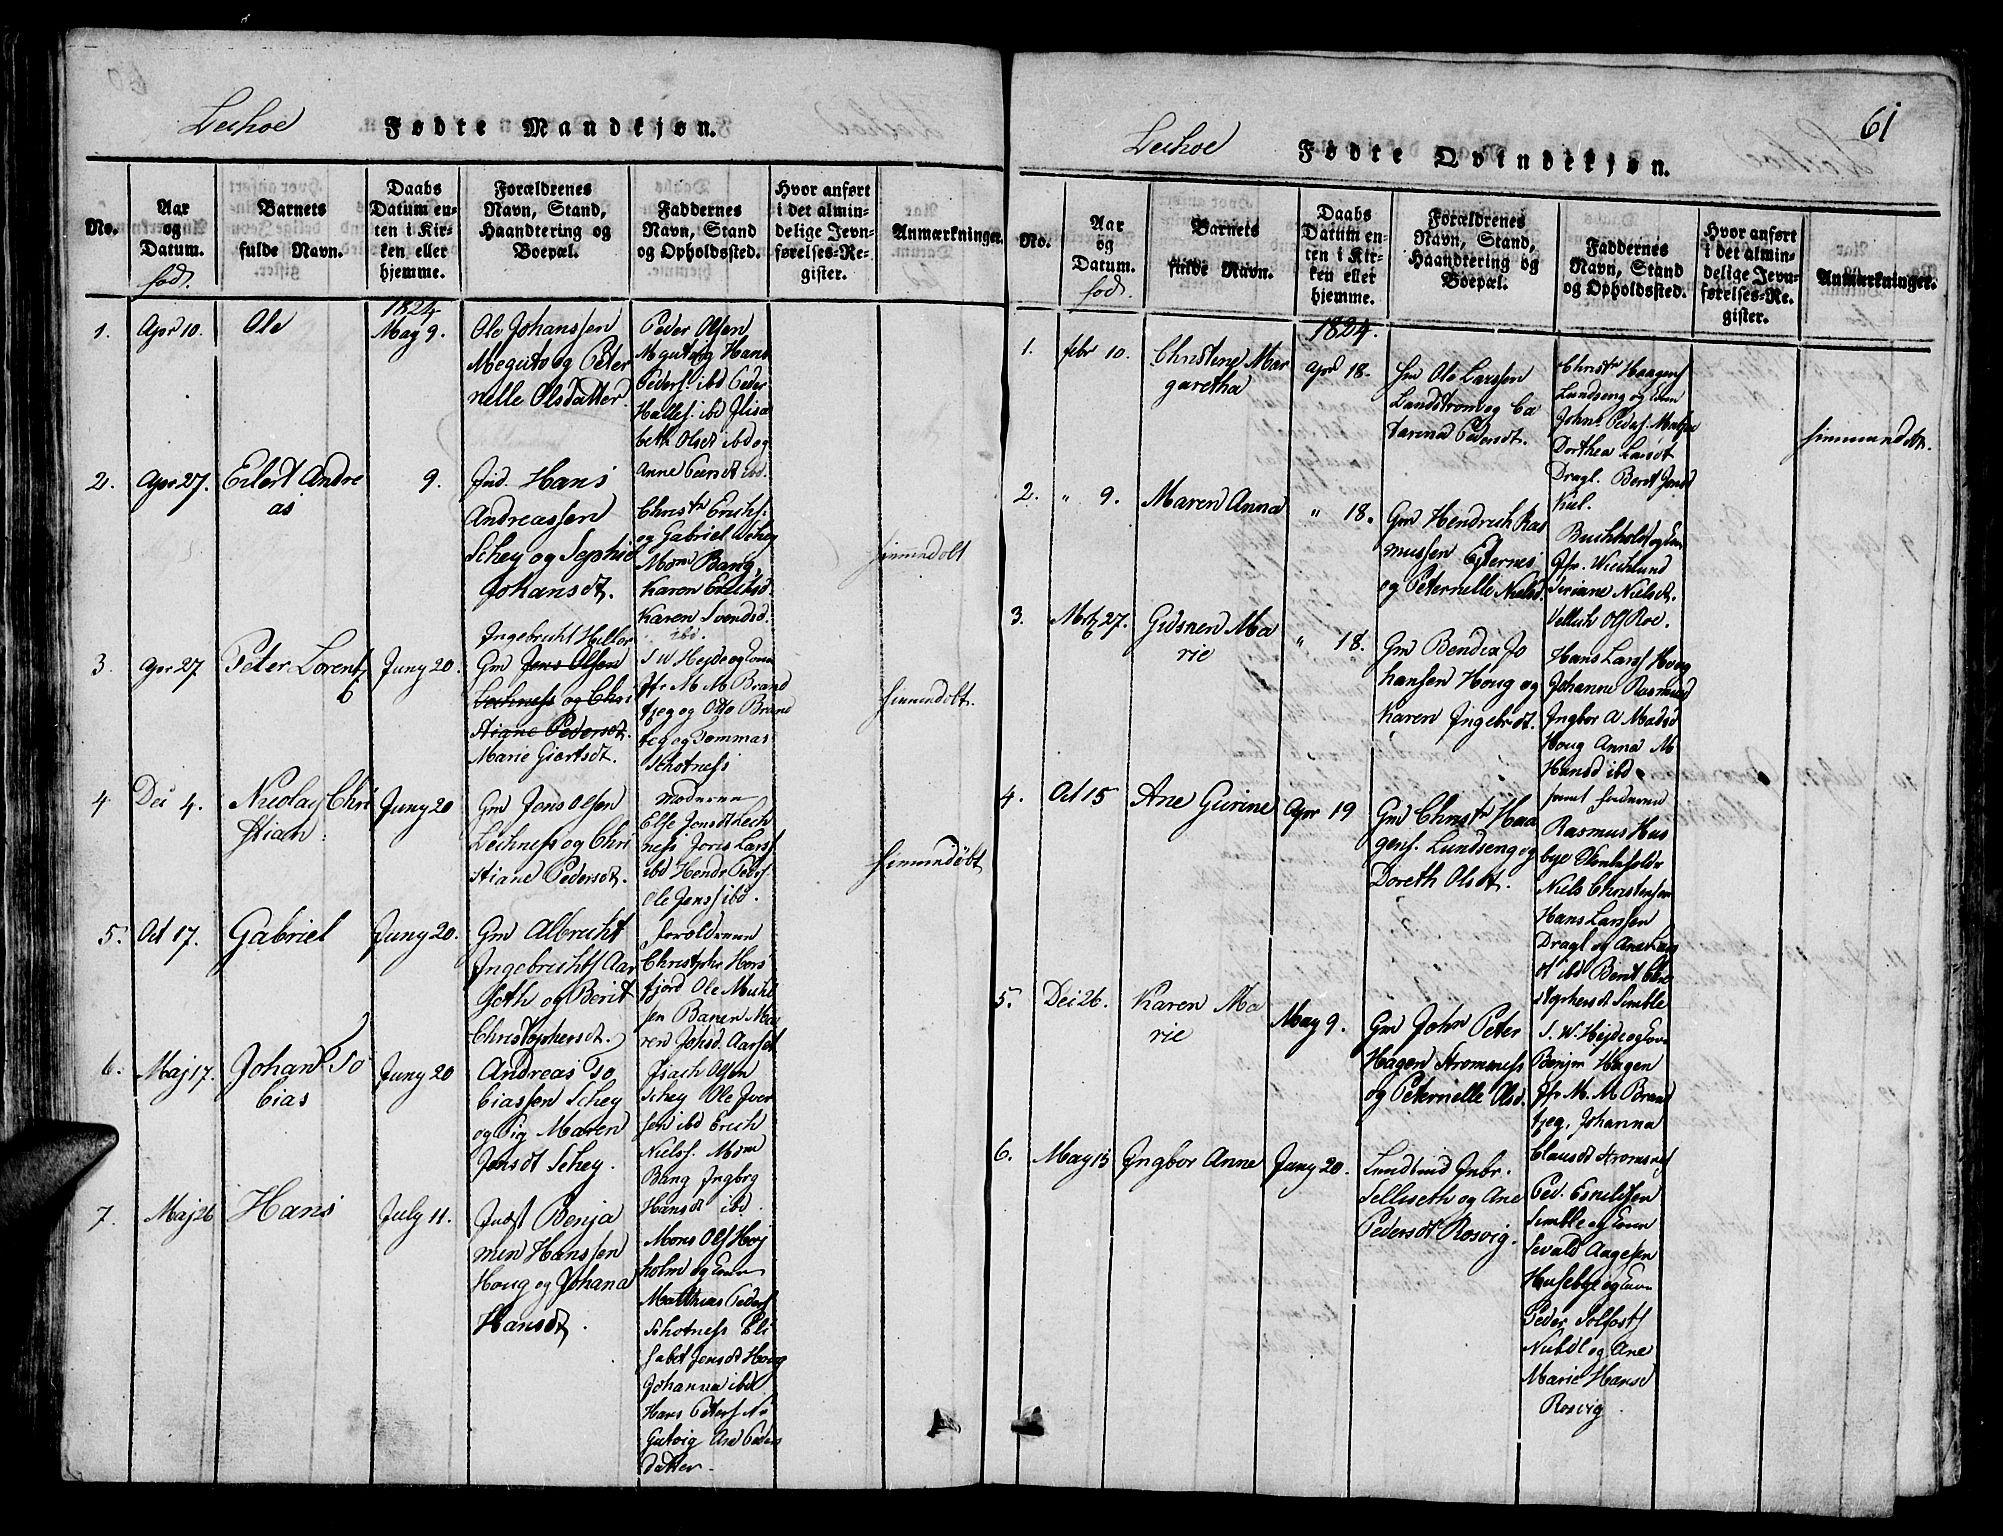 SAT, Ministerialprotokoller, klokkerbøker og fødselsregistre - Nord-Trøndelag, 780/L0648: Klokkerbok nr. 780C01 /2, 1815-1875, s. 61